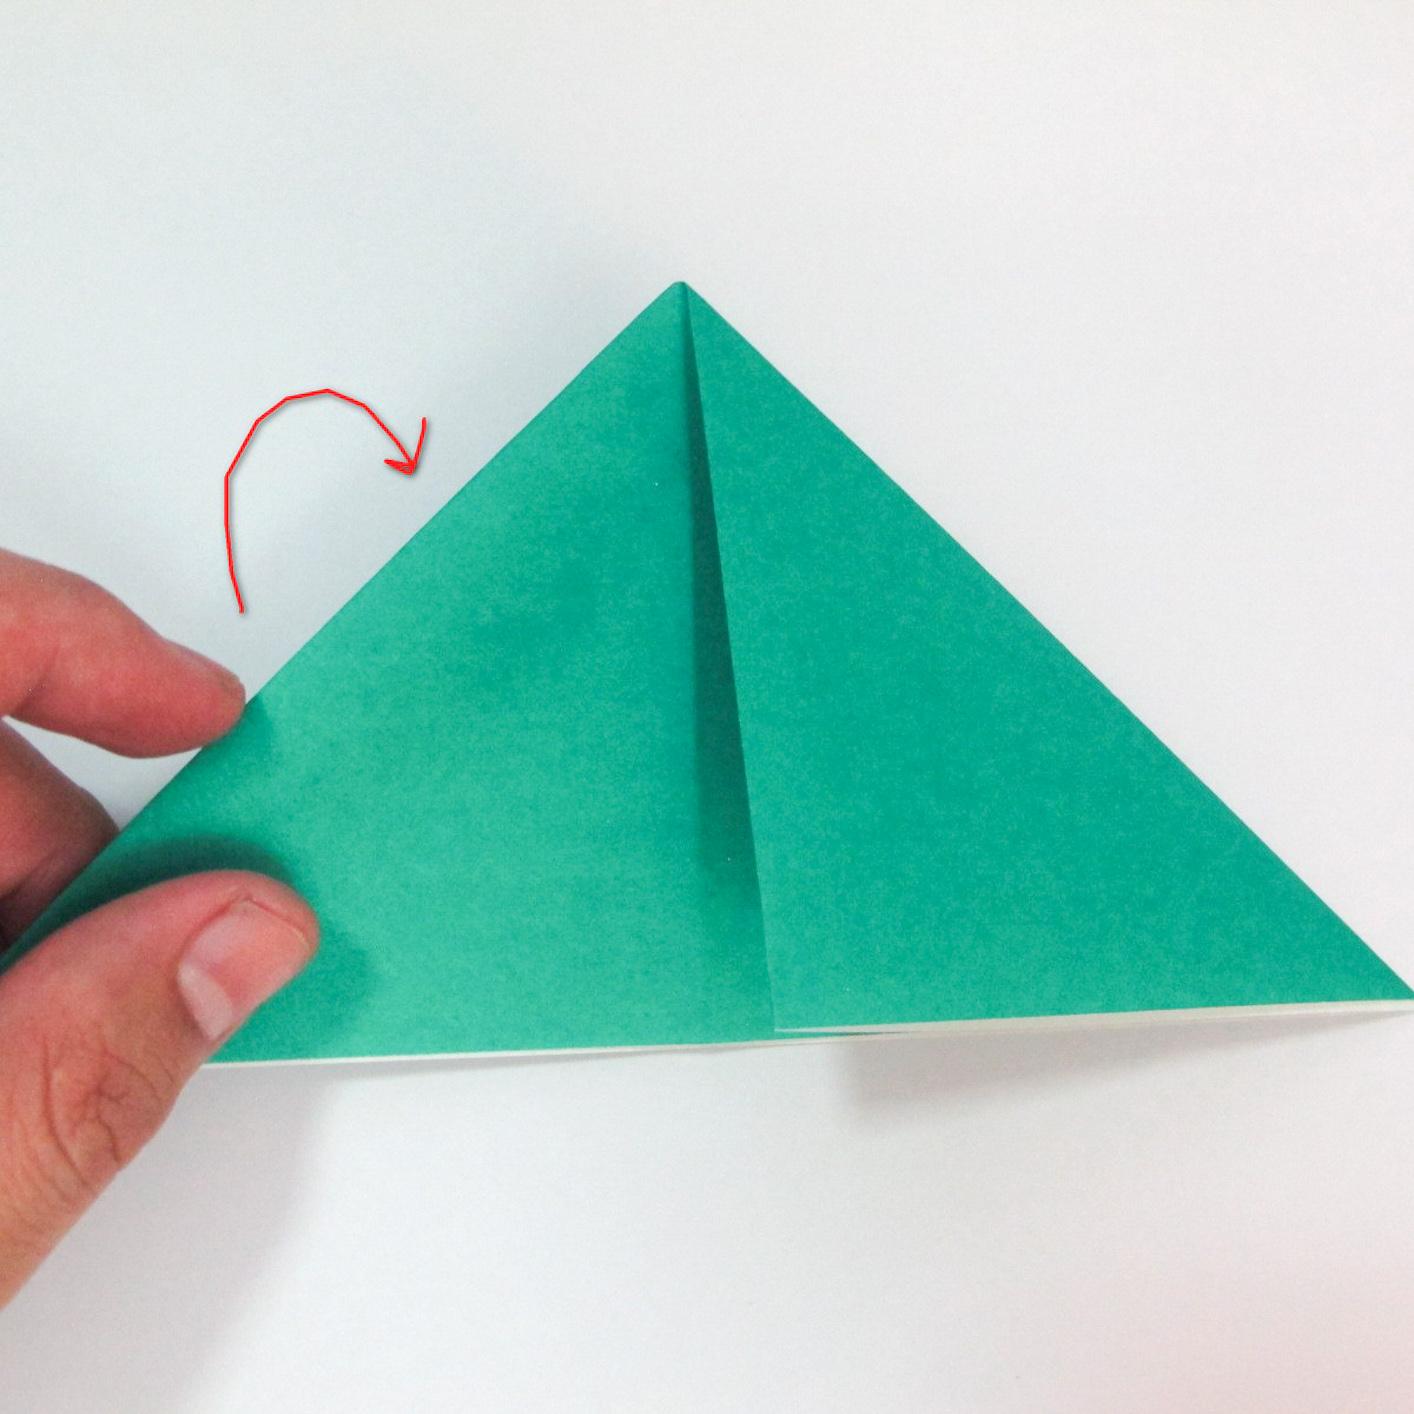 สอนวิธีการพับกระดาษเป็นรูปปลาฉลาม (Origami Shark) 004